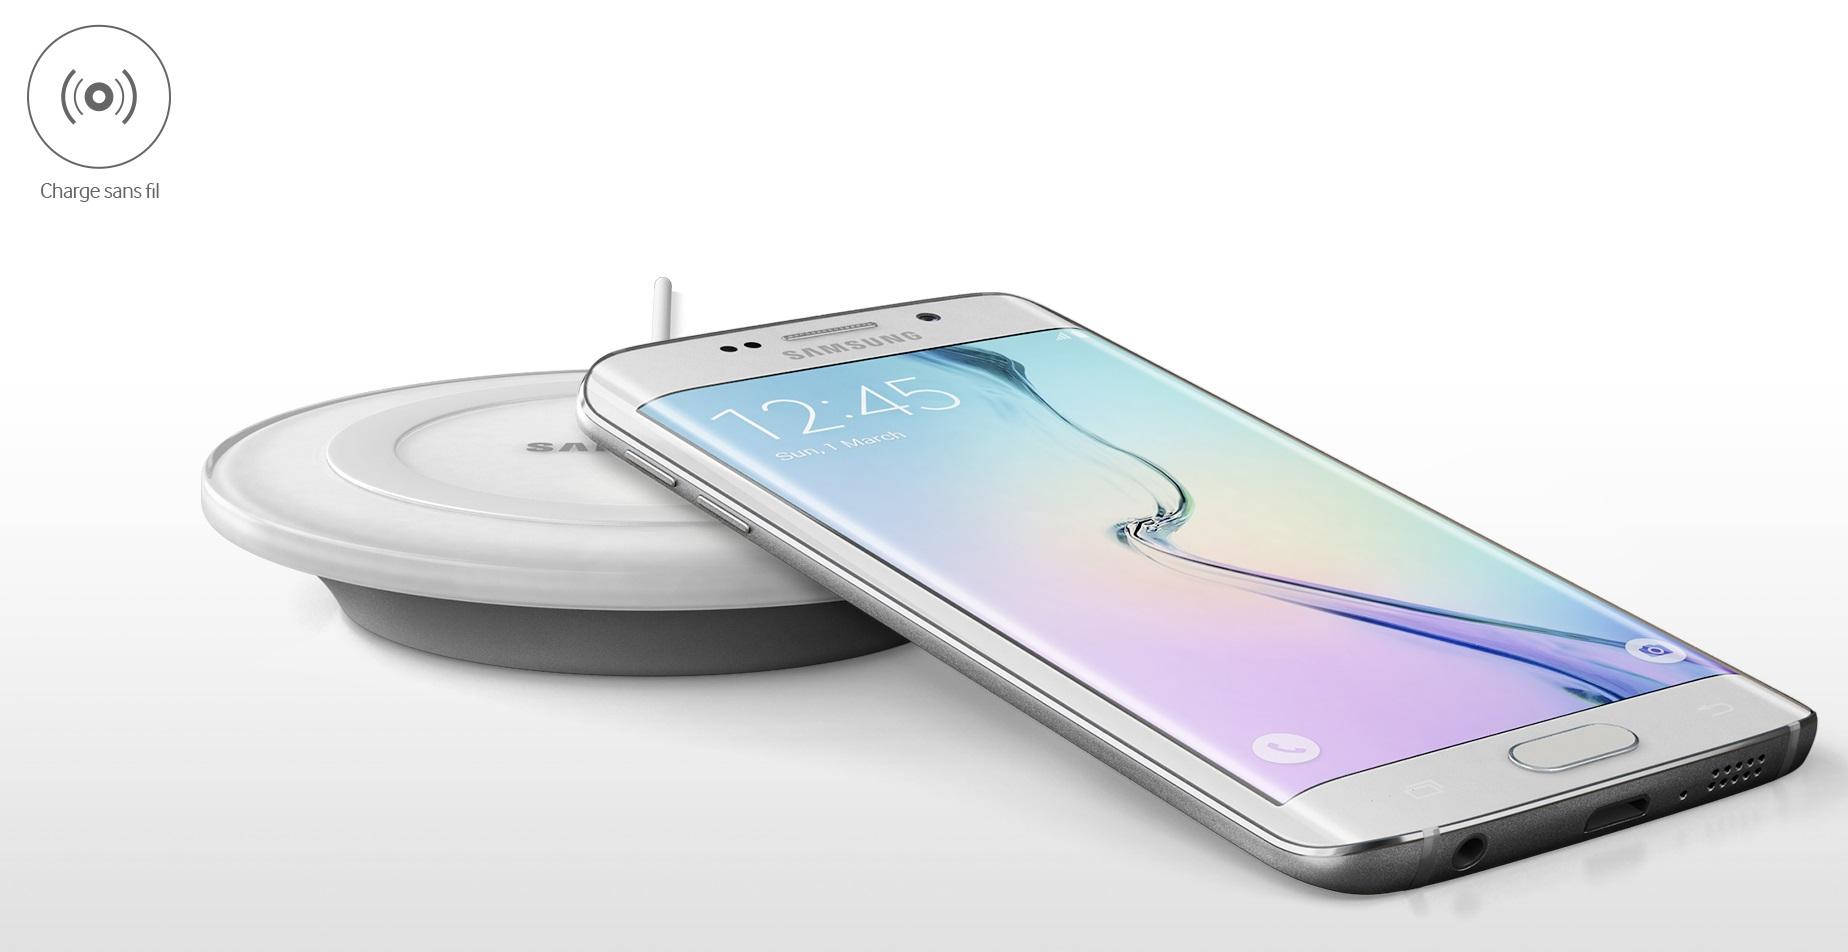 Son Galaxy S6 Edge